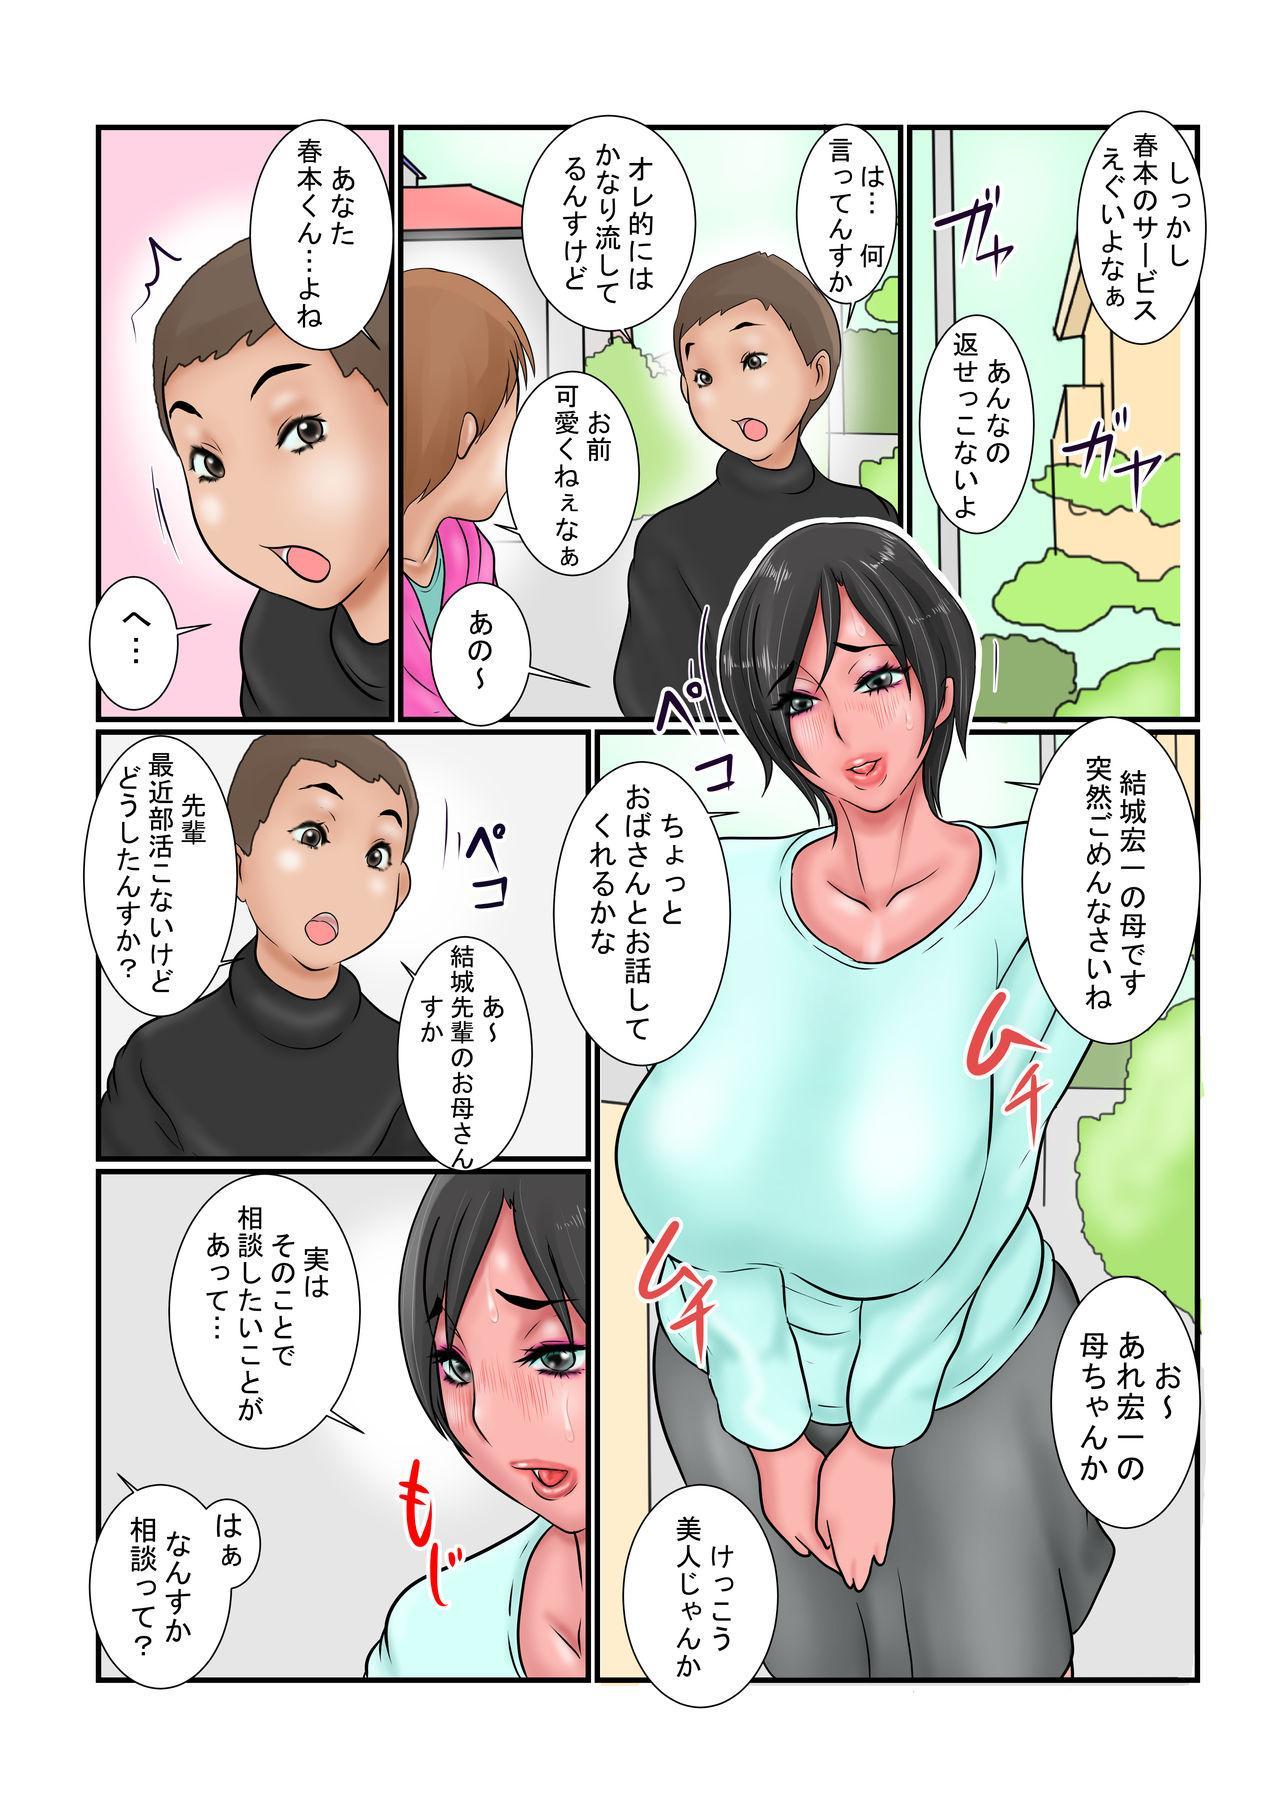 Bosei to Insei Regular no Za o Ubatta Kouhai ni Hahaoya no Karada made Ubawareta Ken 4